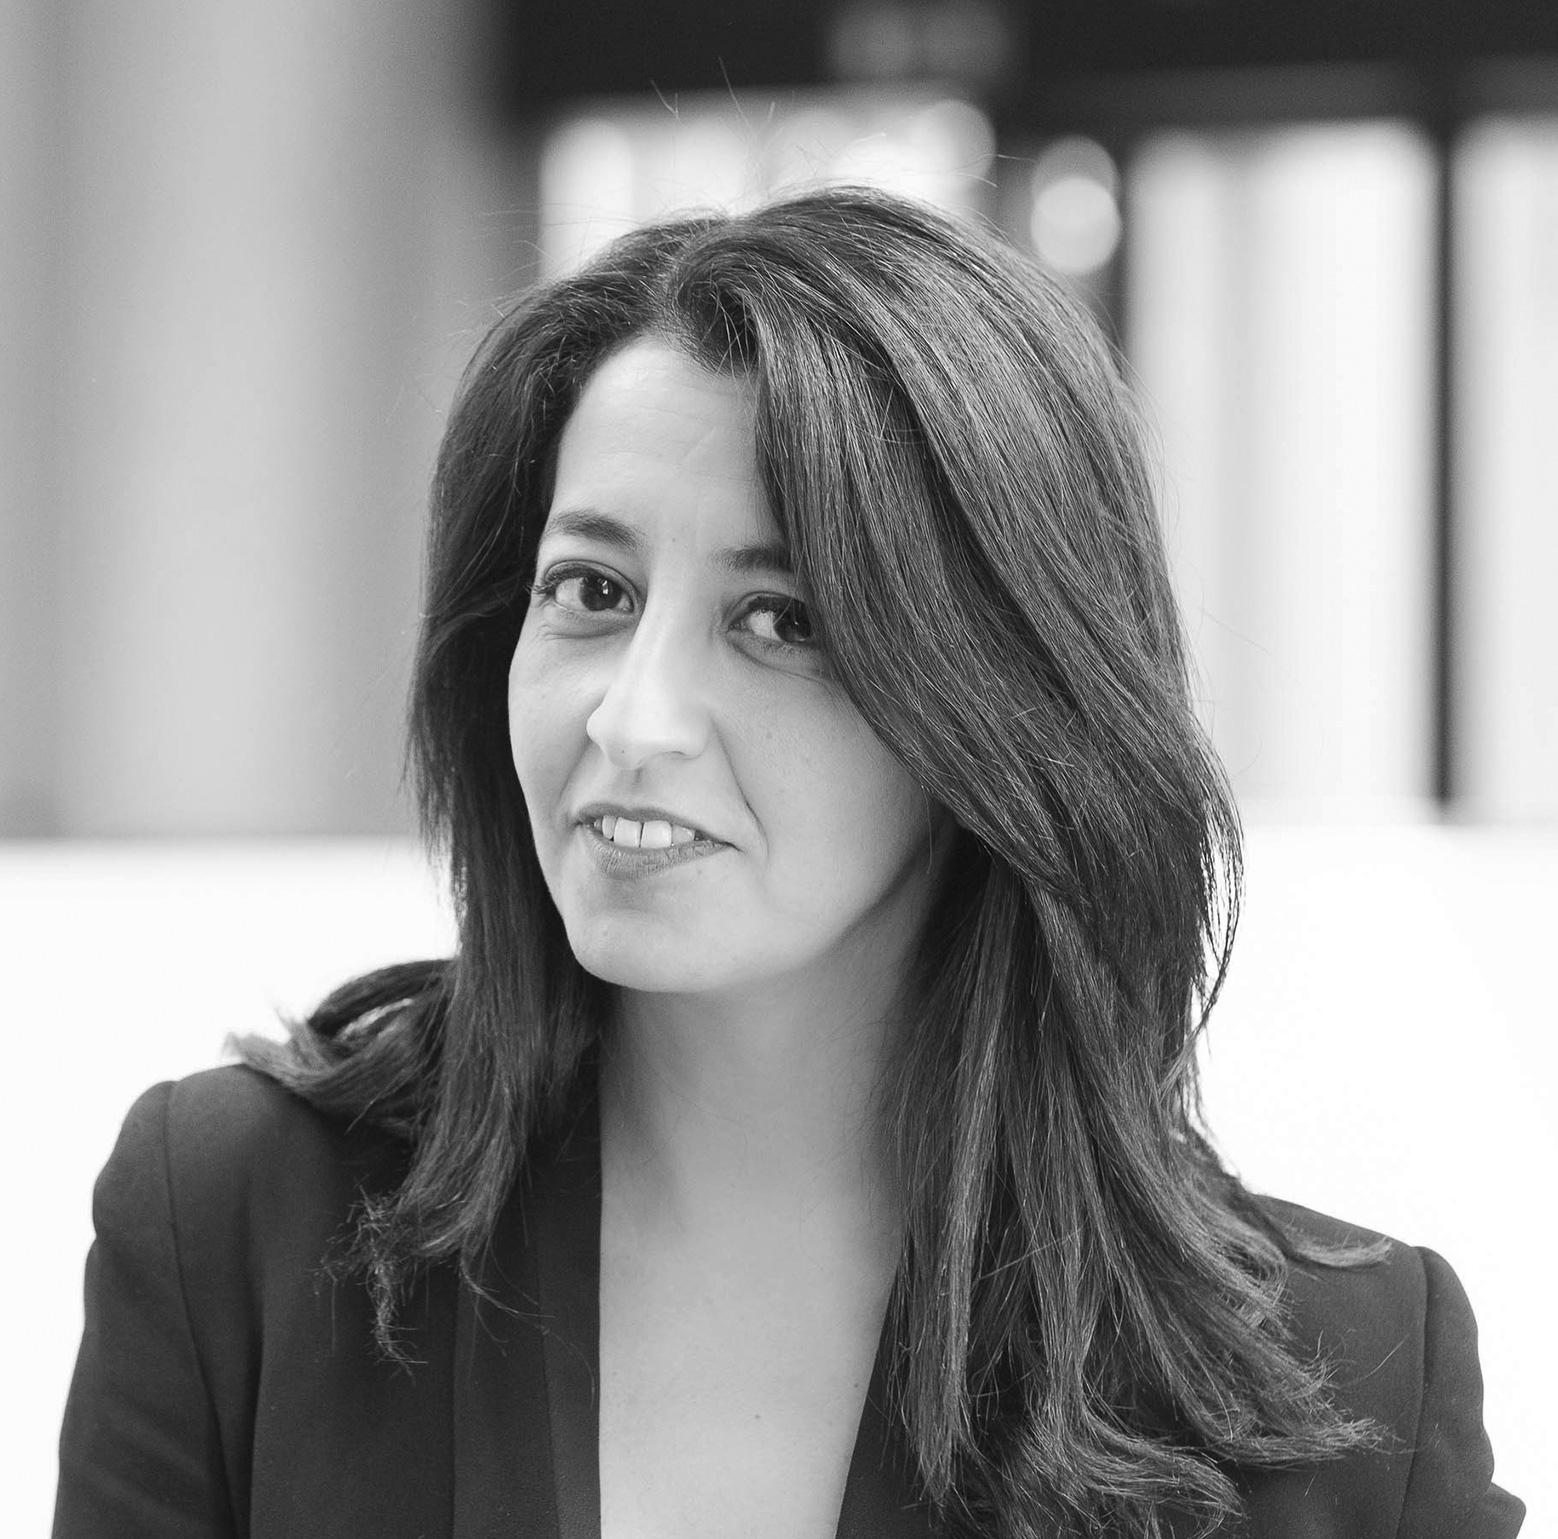 Portrait of Karima Delli